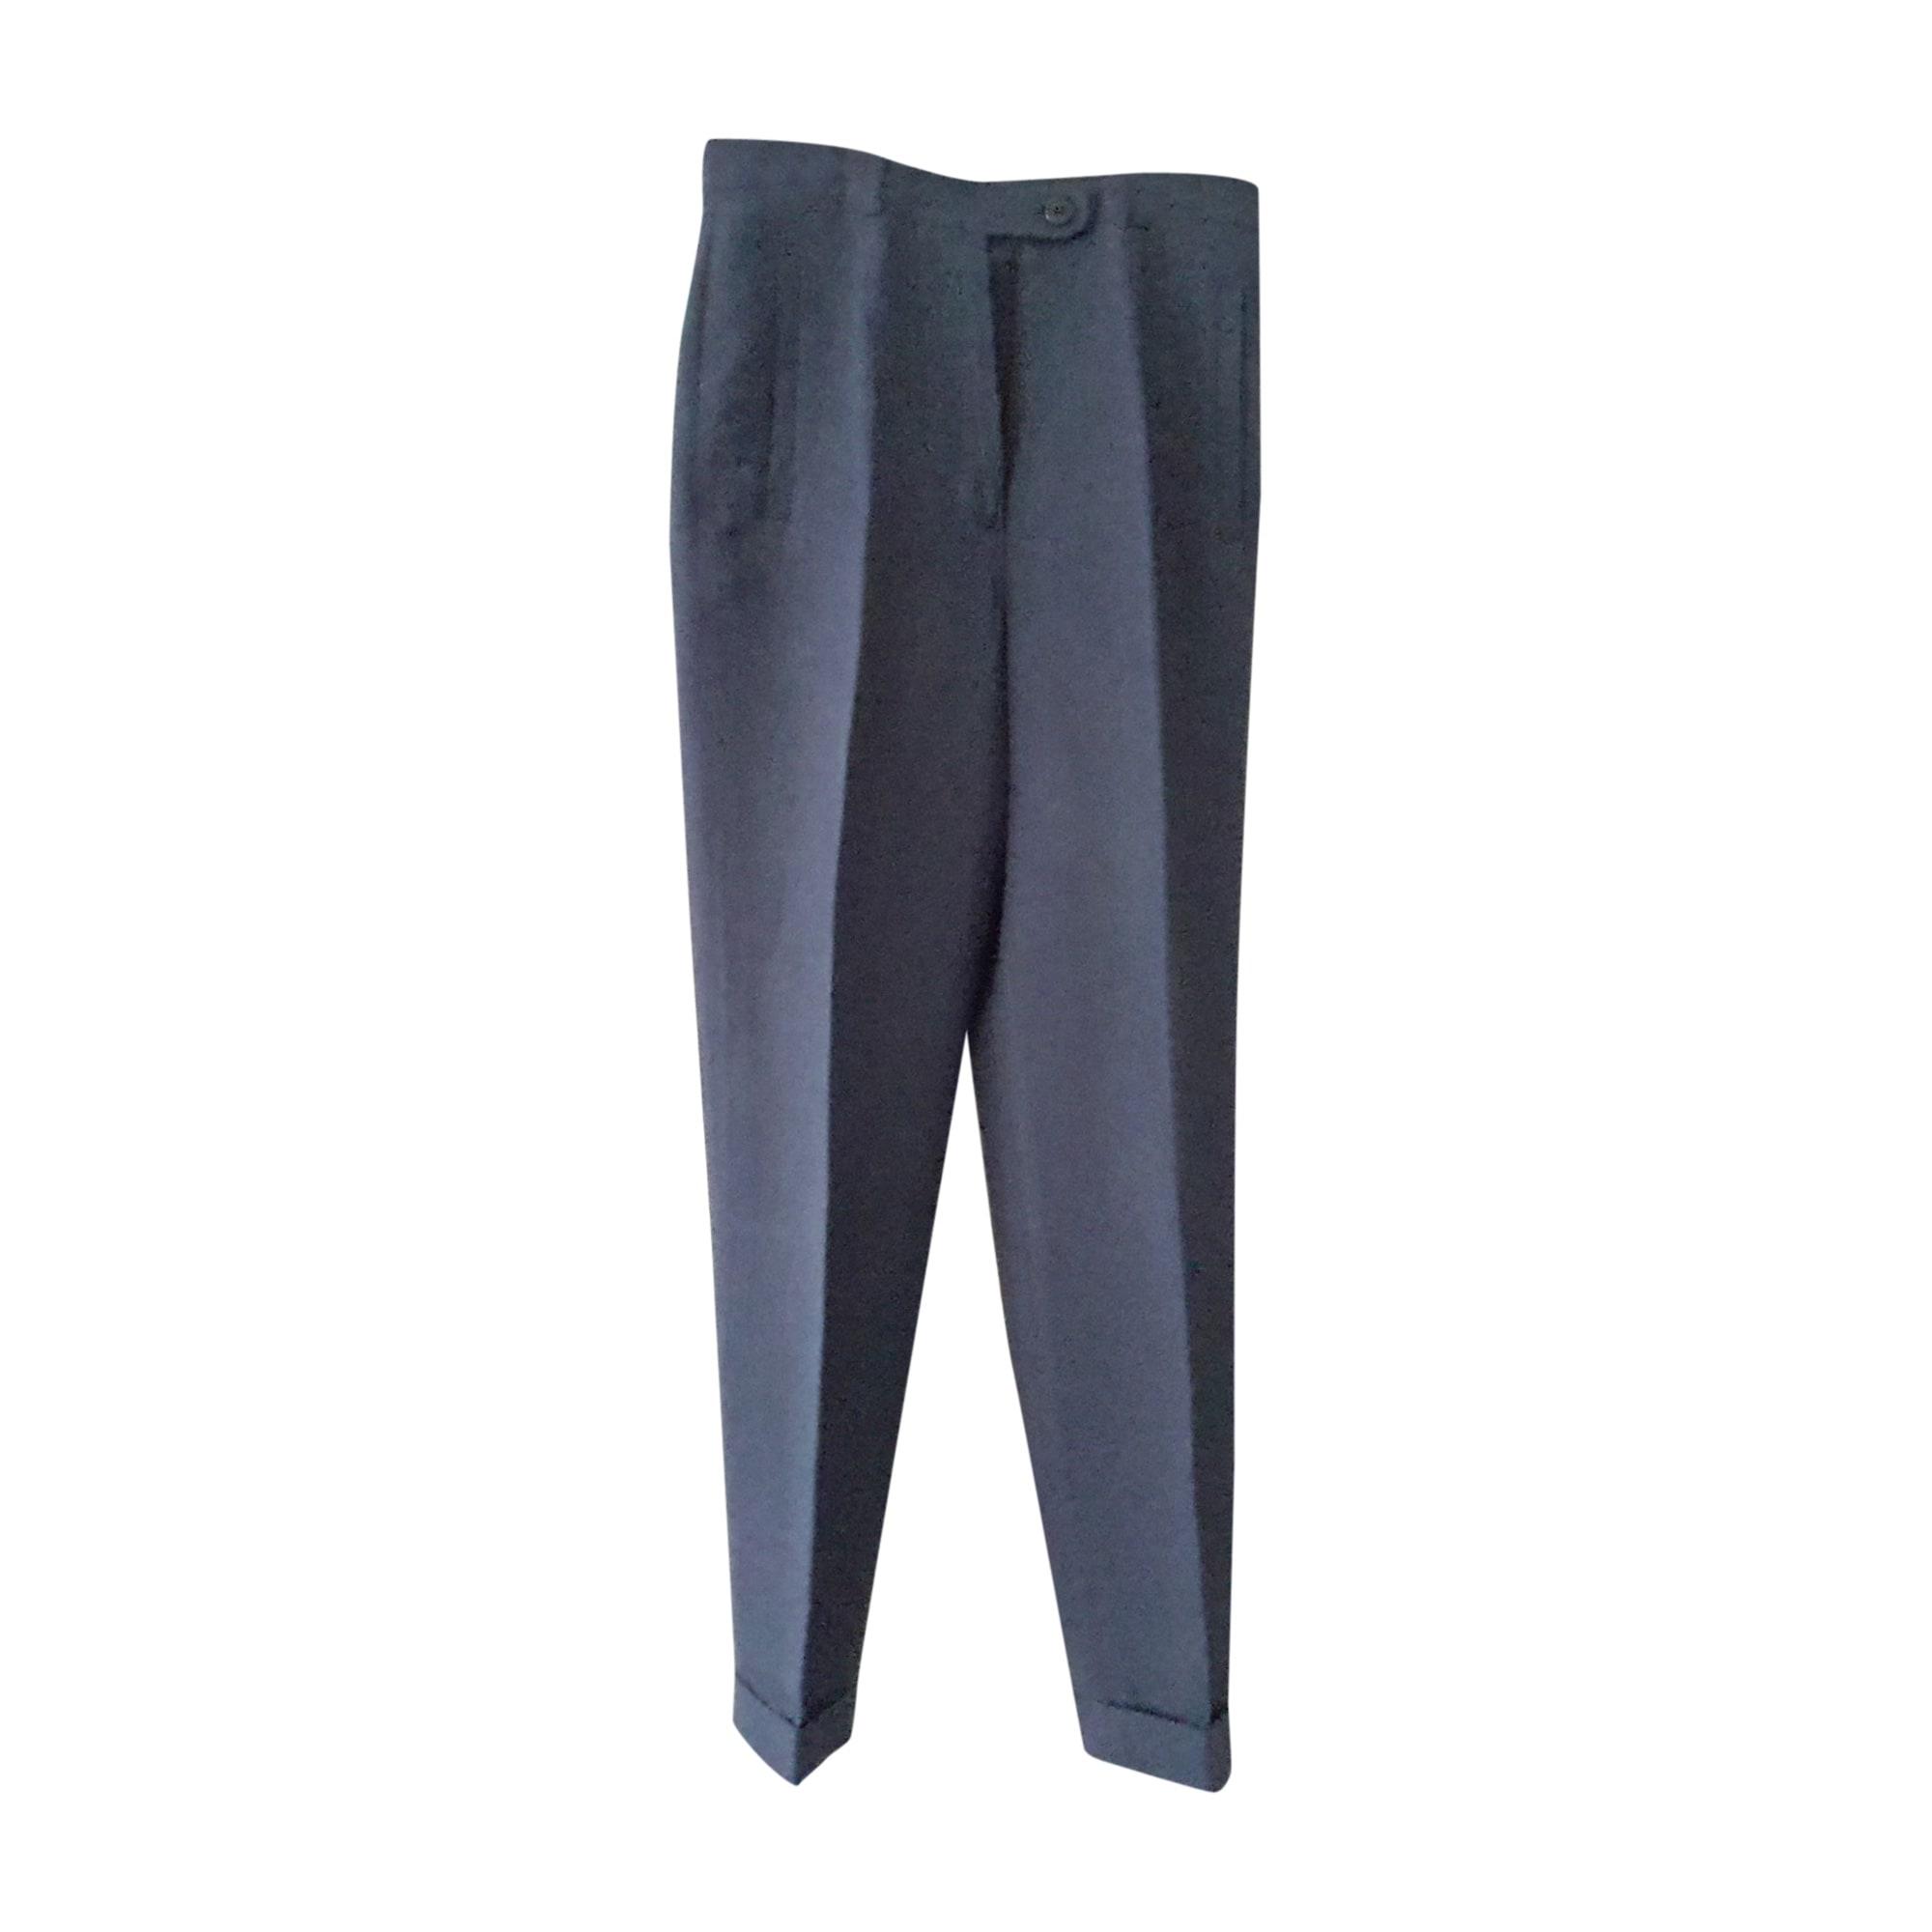 Tailleur pantalon CERRUTI 1881 Bleu, bleu marine, bleu turquoise